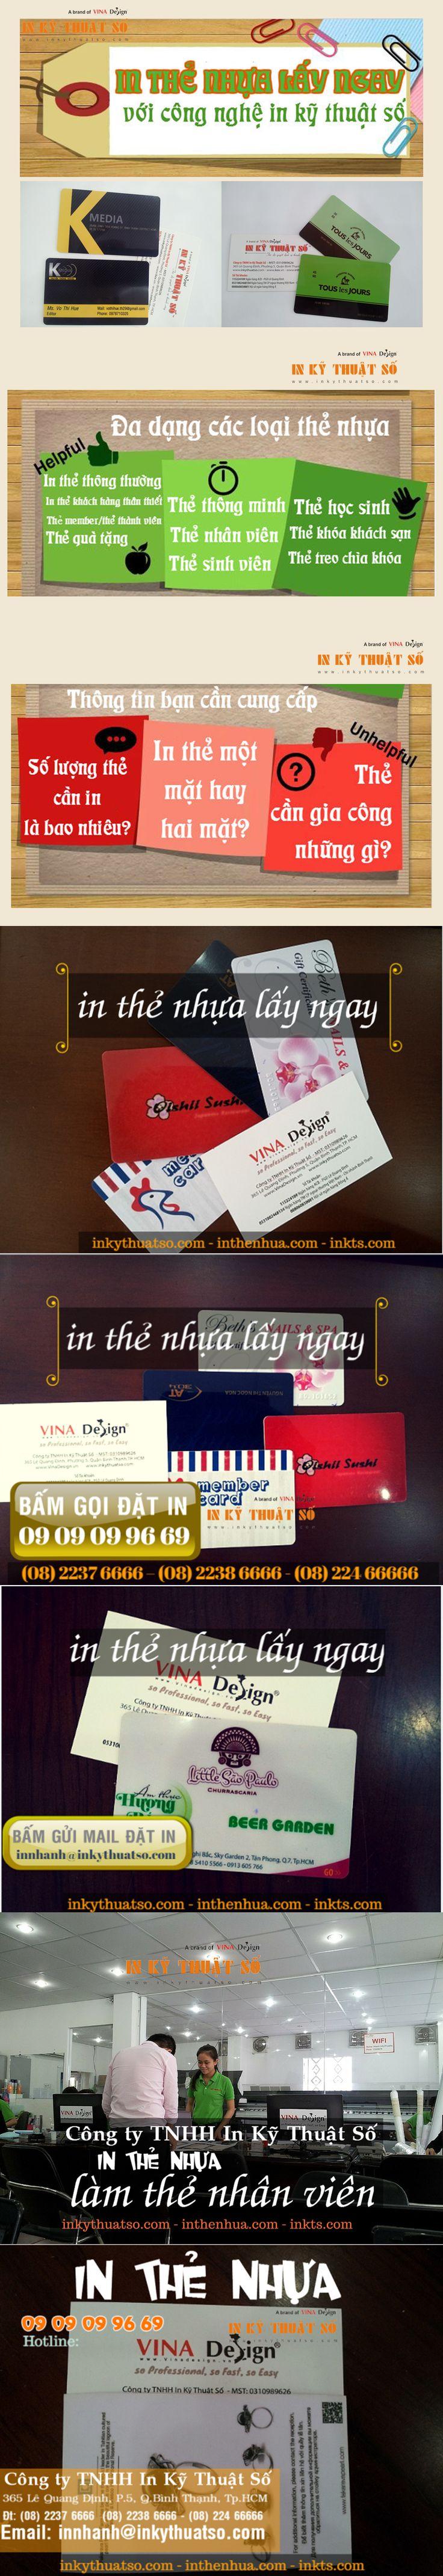 Thông tin hình ảnh cho dịch vụ in thẻ nhựa lấy ngay tại Cty TNHH In Kỹ Thuật Số - Digital Printing